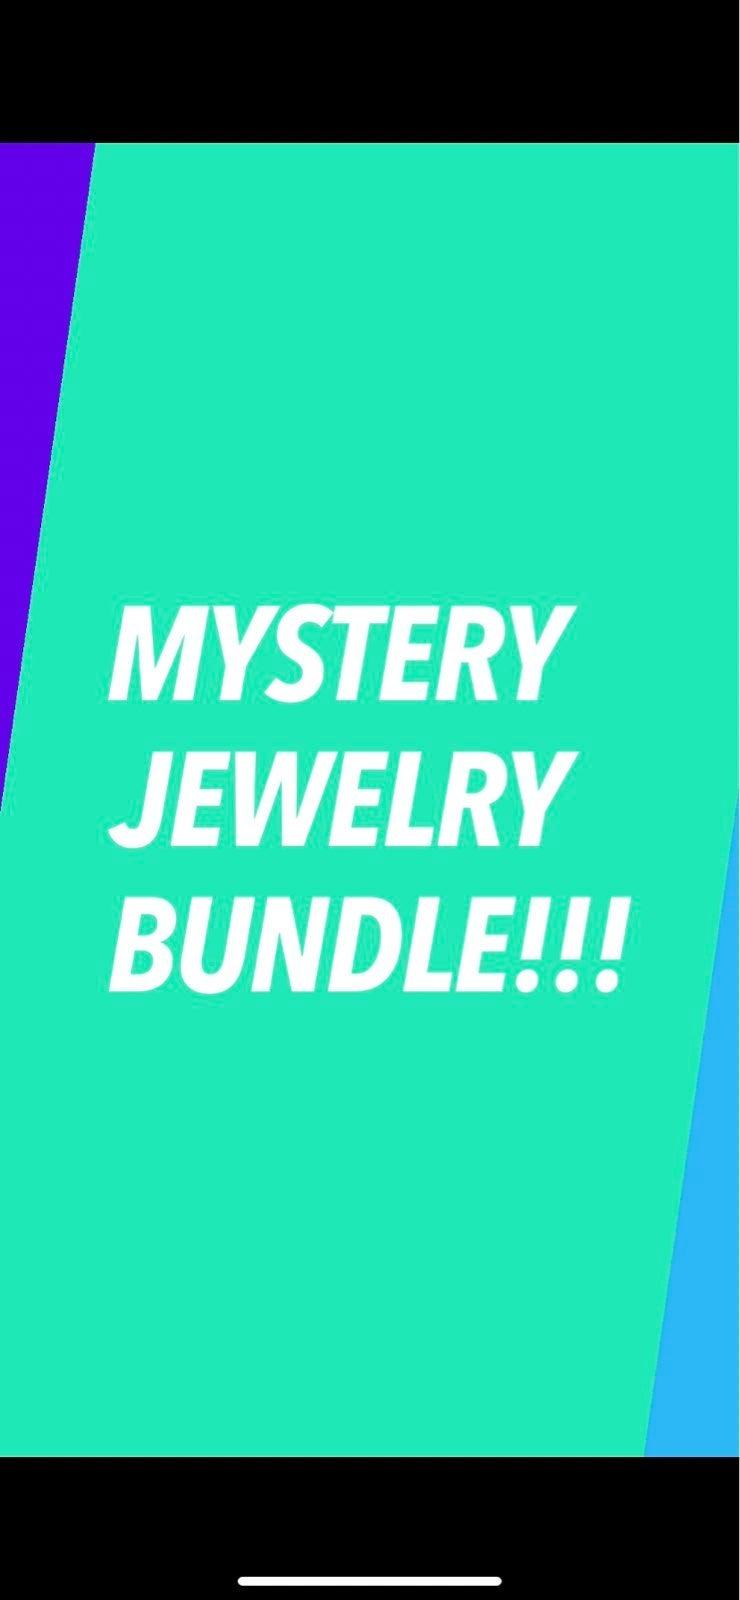 Mystery Jewerly Bundle